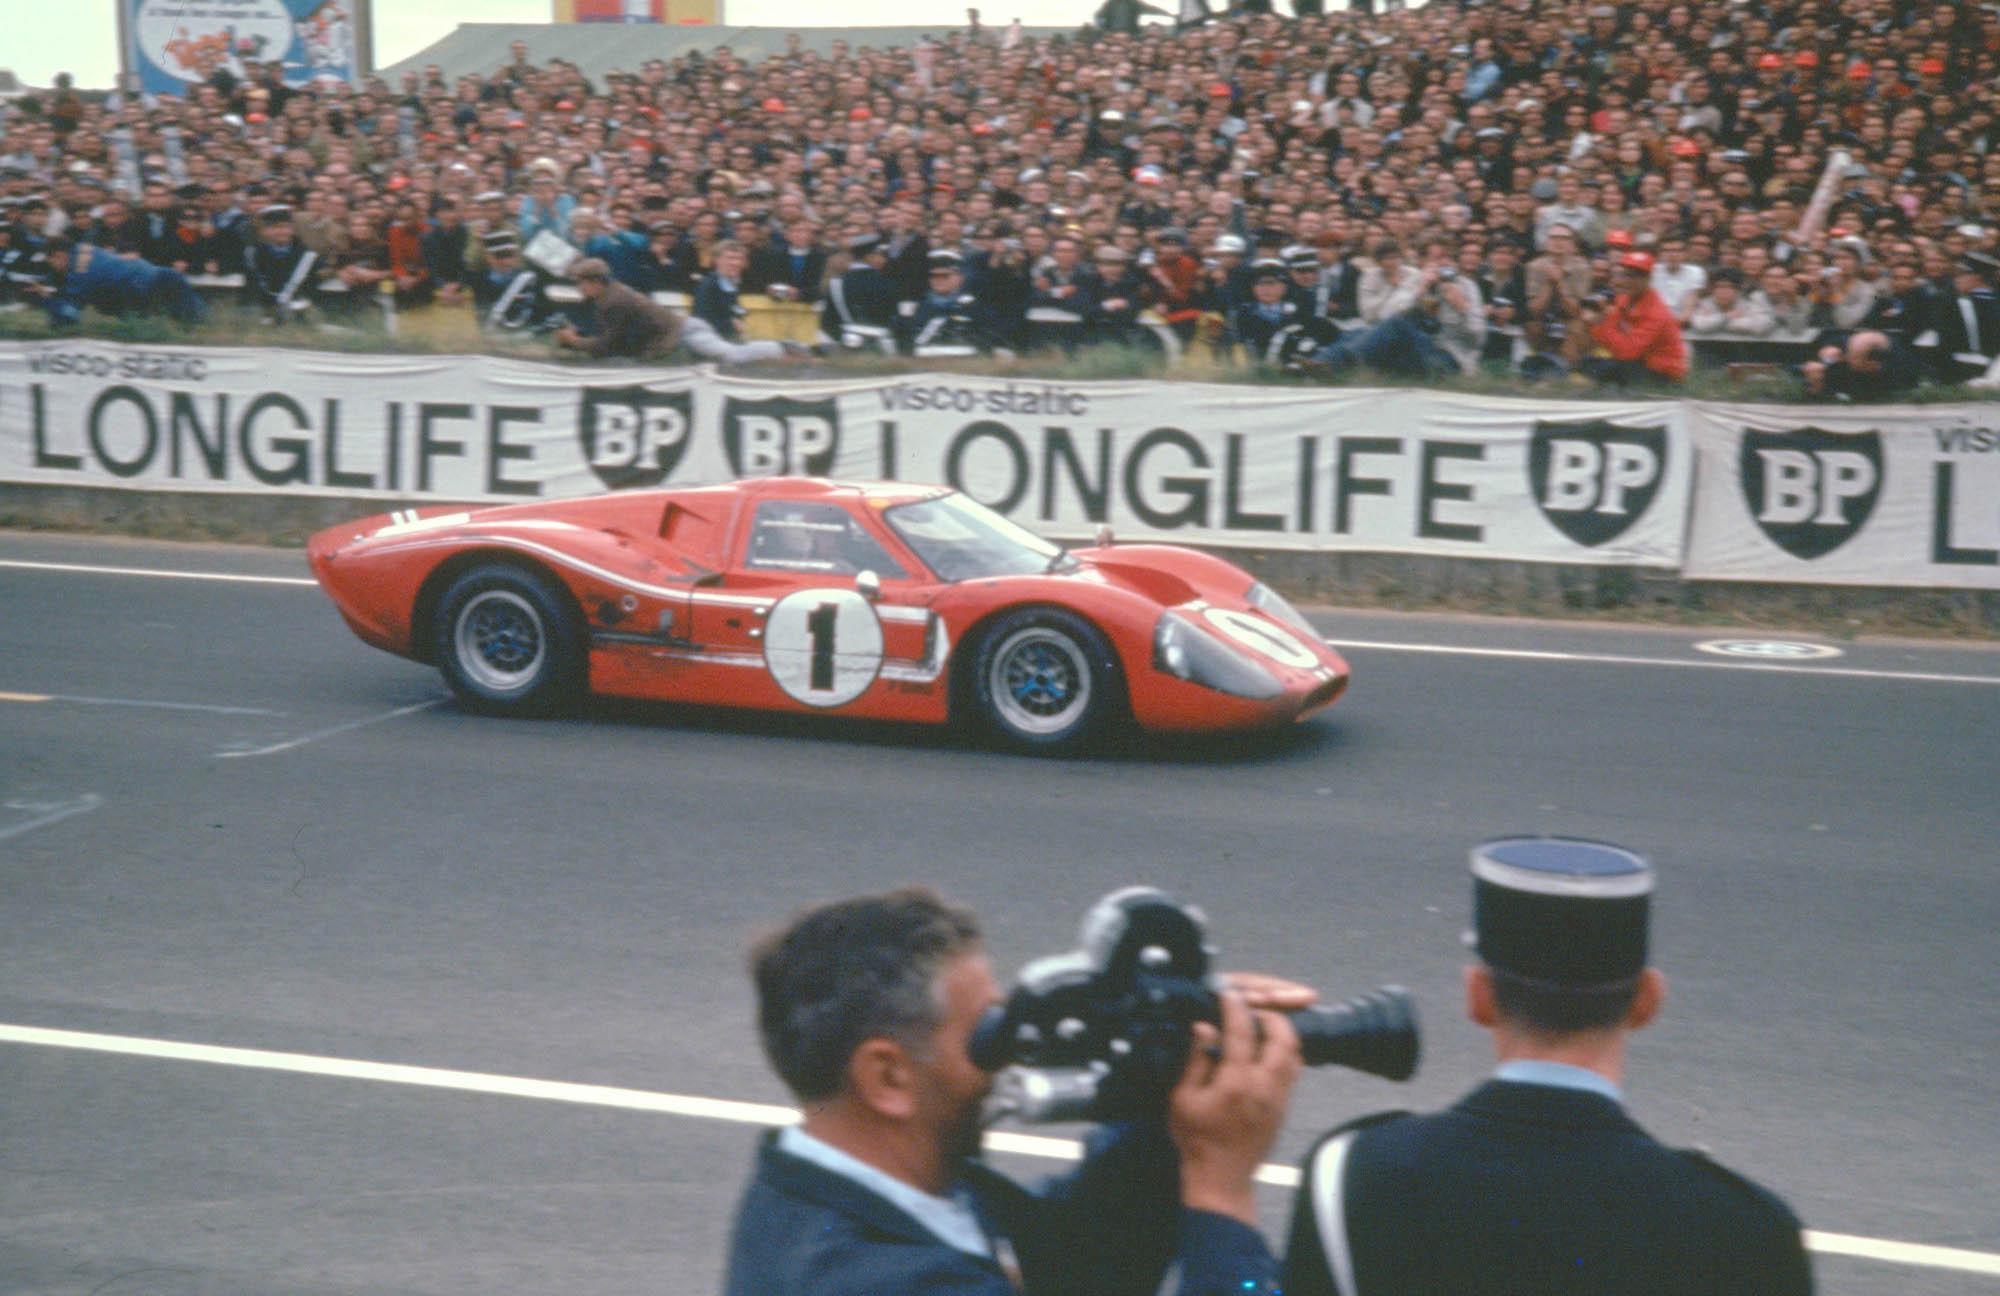 24 Hours of LeMans LeMans France 1967. AJ Foyt/Dan Gurney Ford Mark IV takes the flag. CD#0554-3252-2891-2.